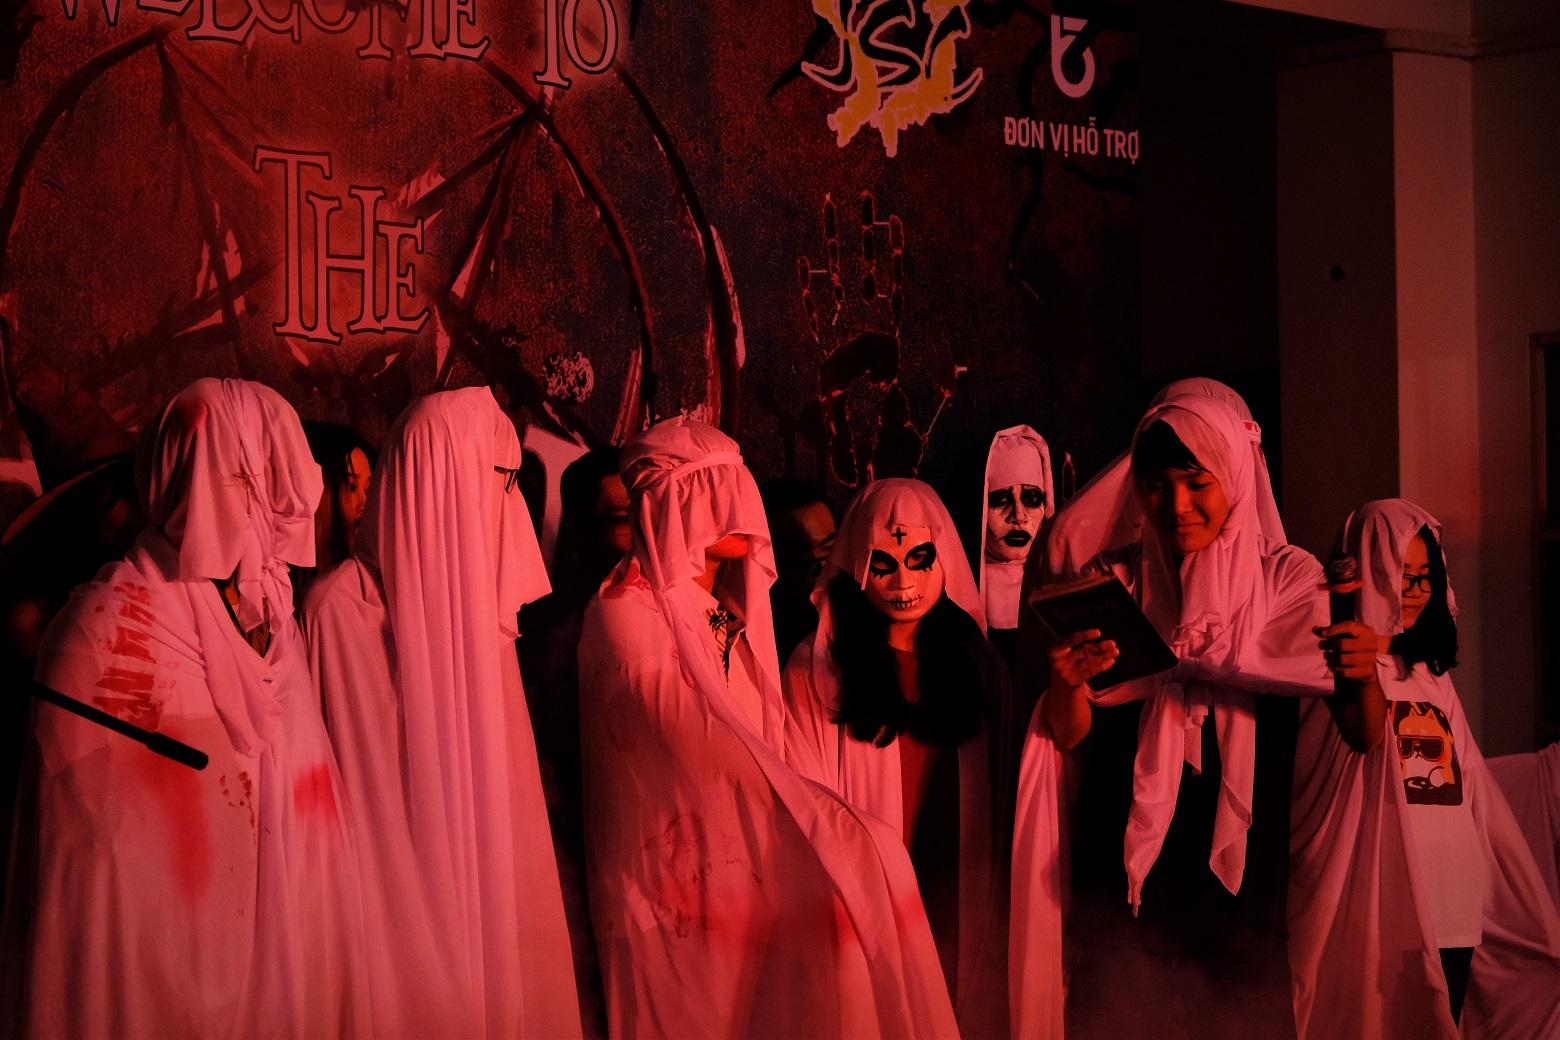 """Cả """"Hội Thánh Đức Chúa Trời"""" lên sân khấu nhảy theo điệu nhạc, chinh phục thử thách của Ban Tổ chức."""